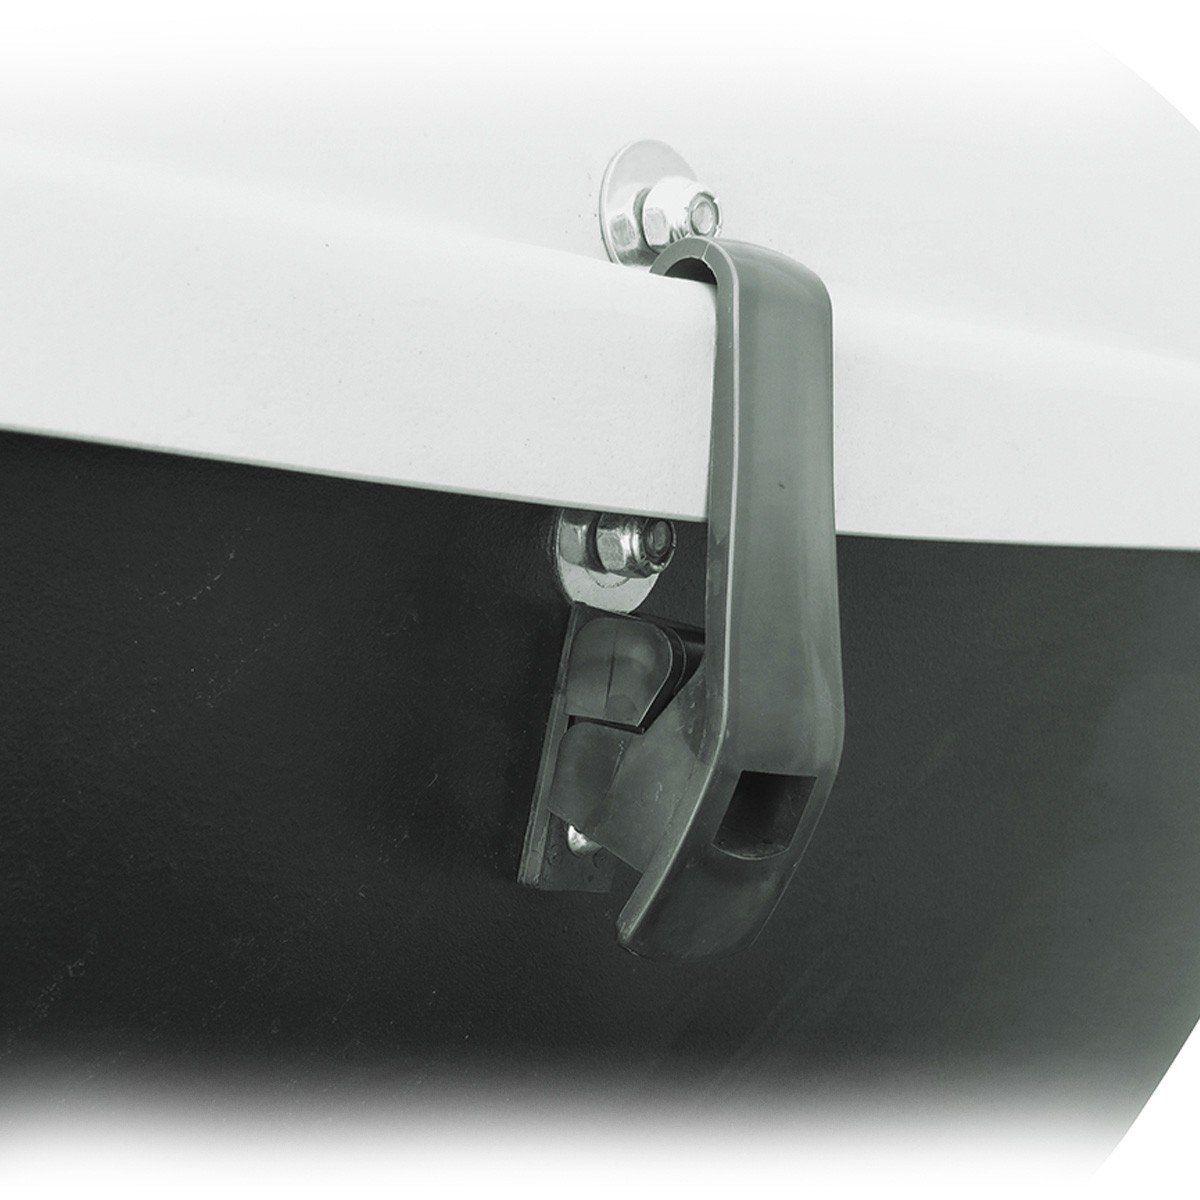 Bagageiro Maleiro de Teto Jetbag Conquest 370 Litros Preto